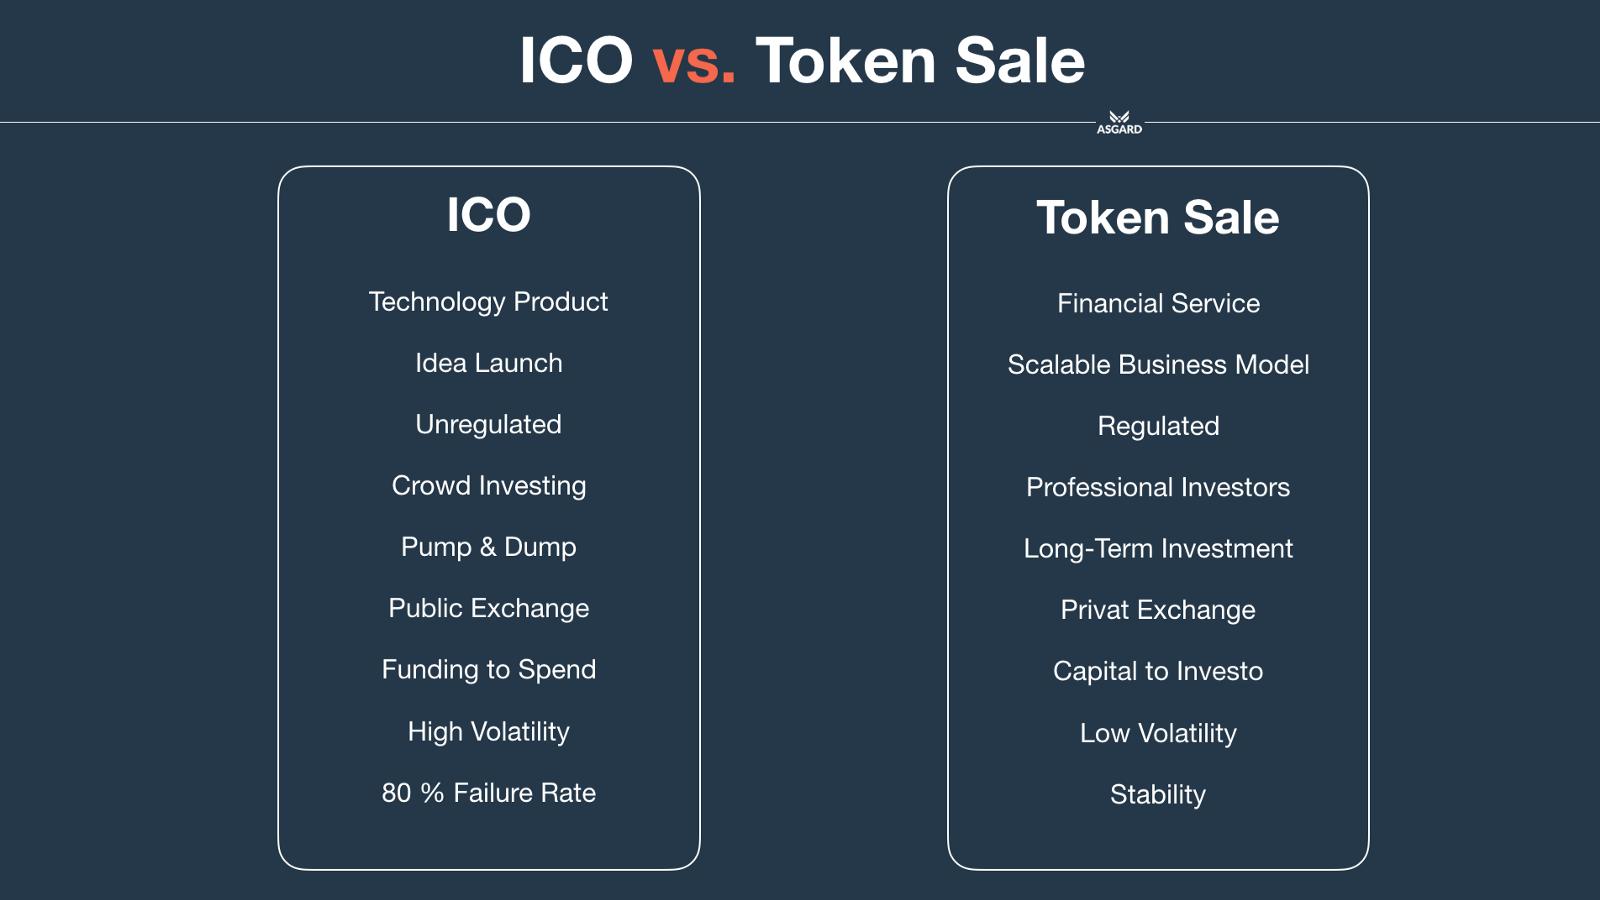 ICO vs Token Sale